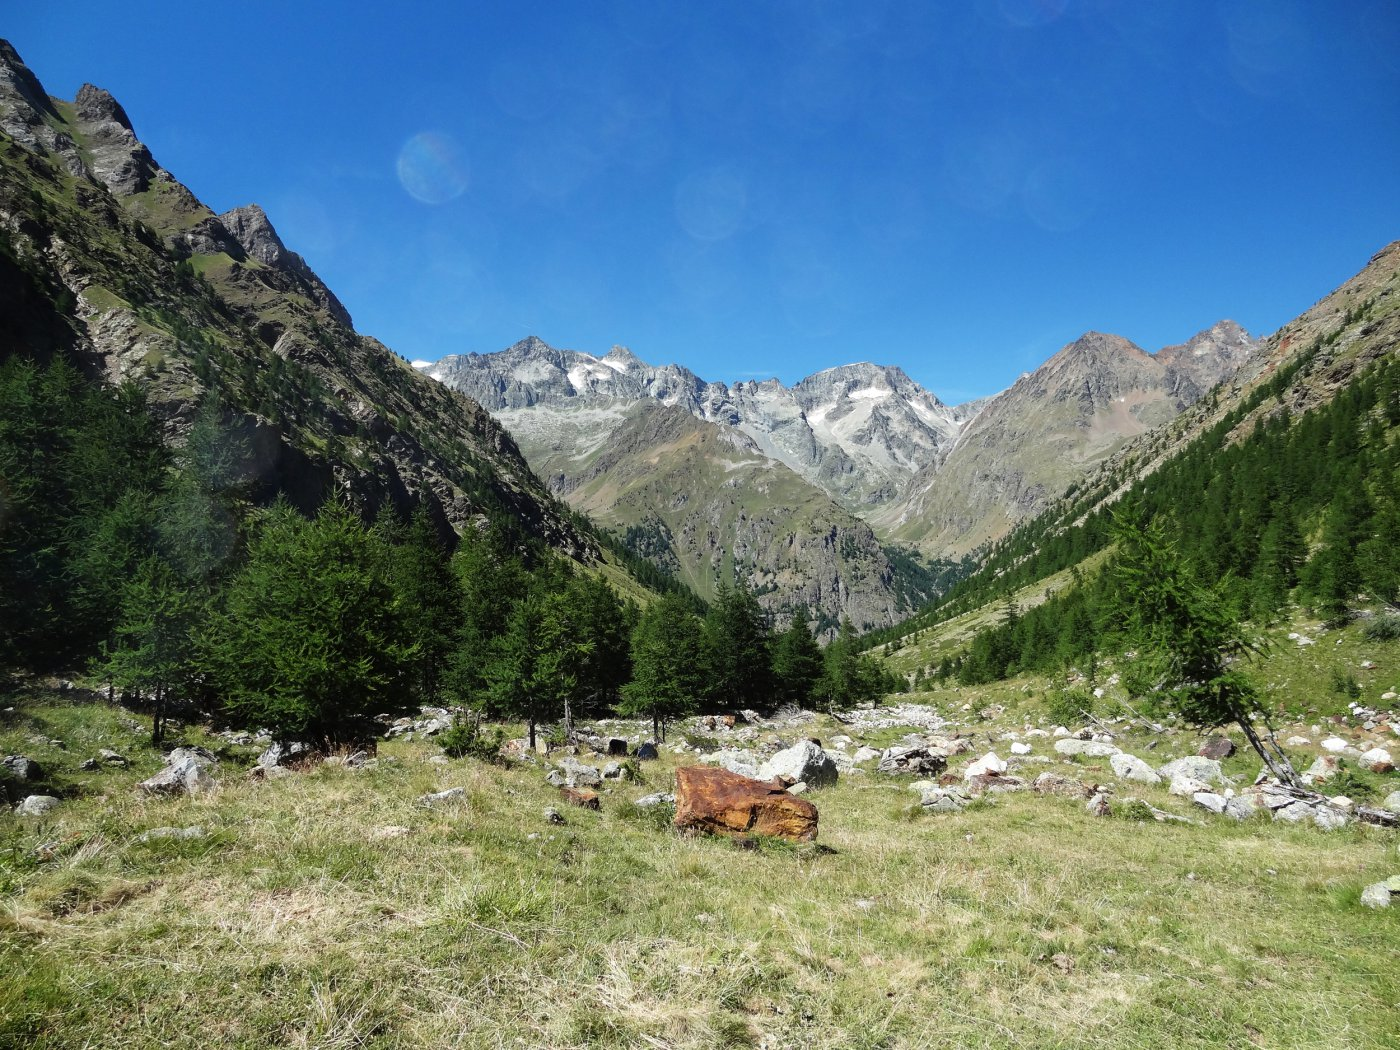 Montagnaya (Punta di) da La Ferrera per il Colle di Montagnaya 2015-07-28